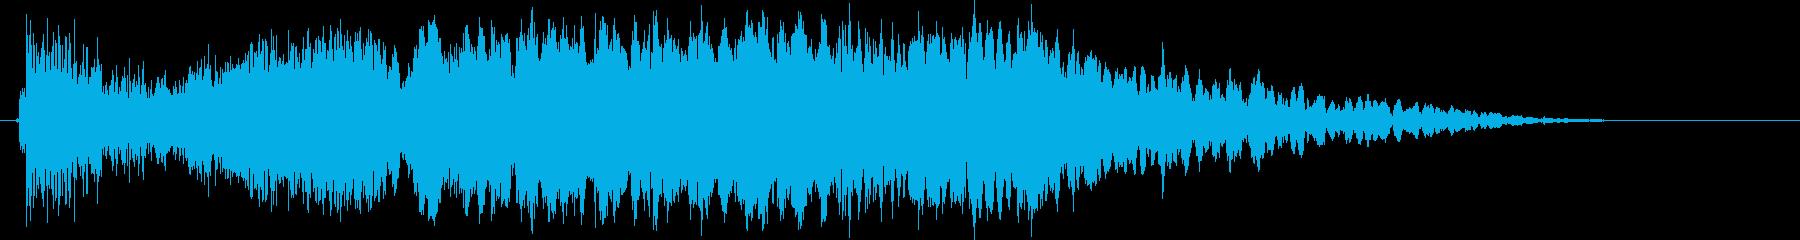 シャキーン(金属が光る)の再生済みの波形